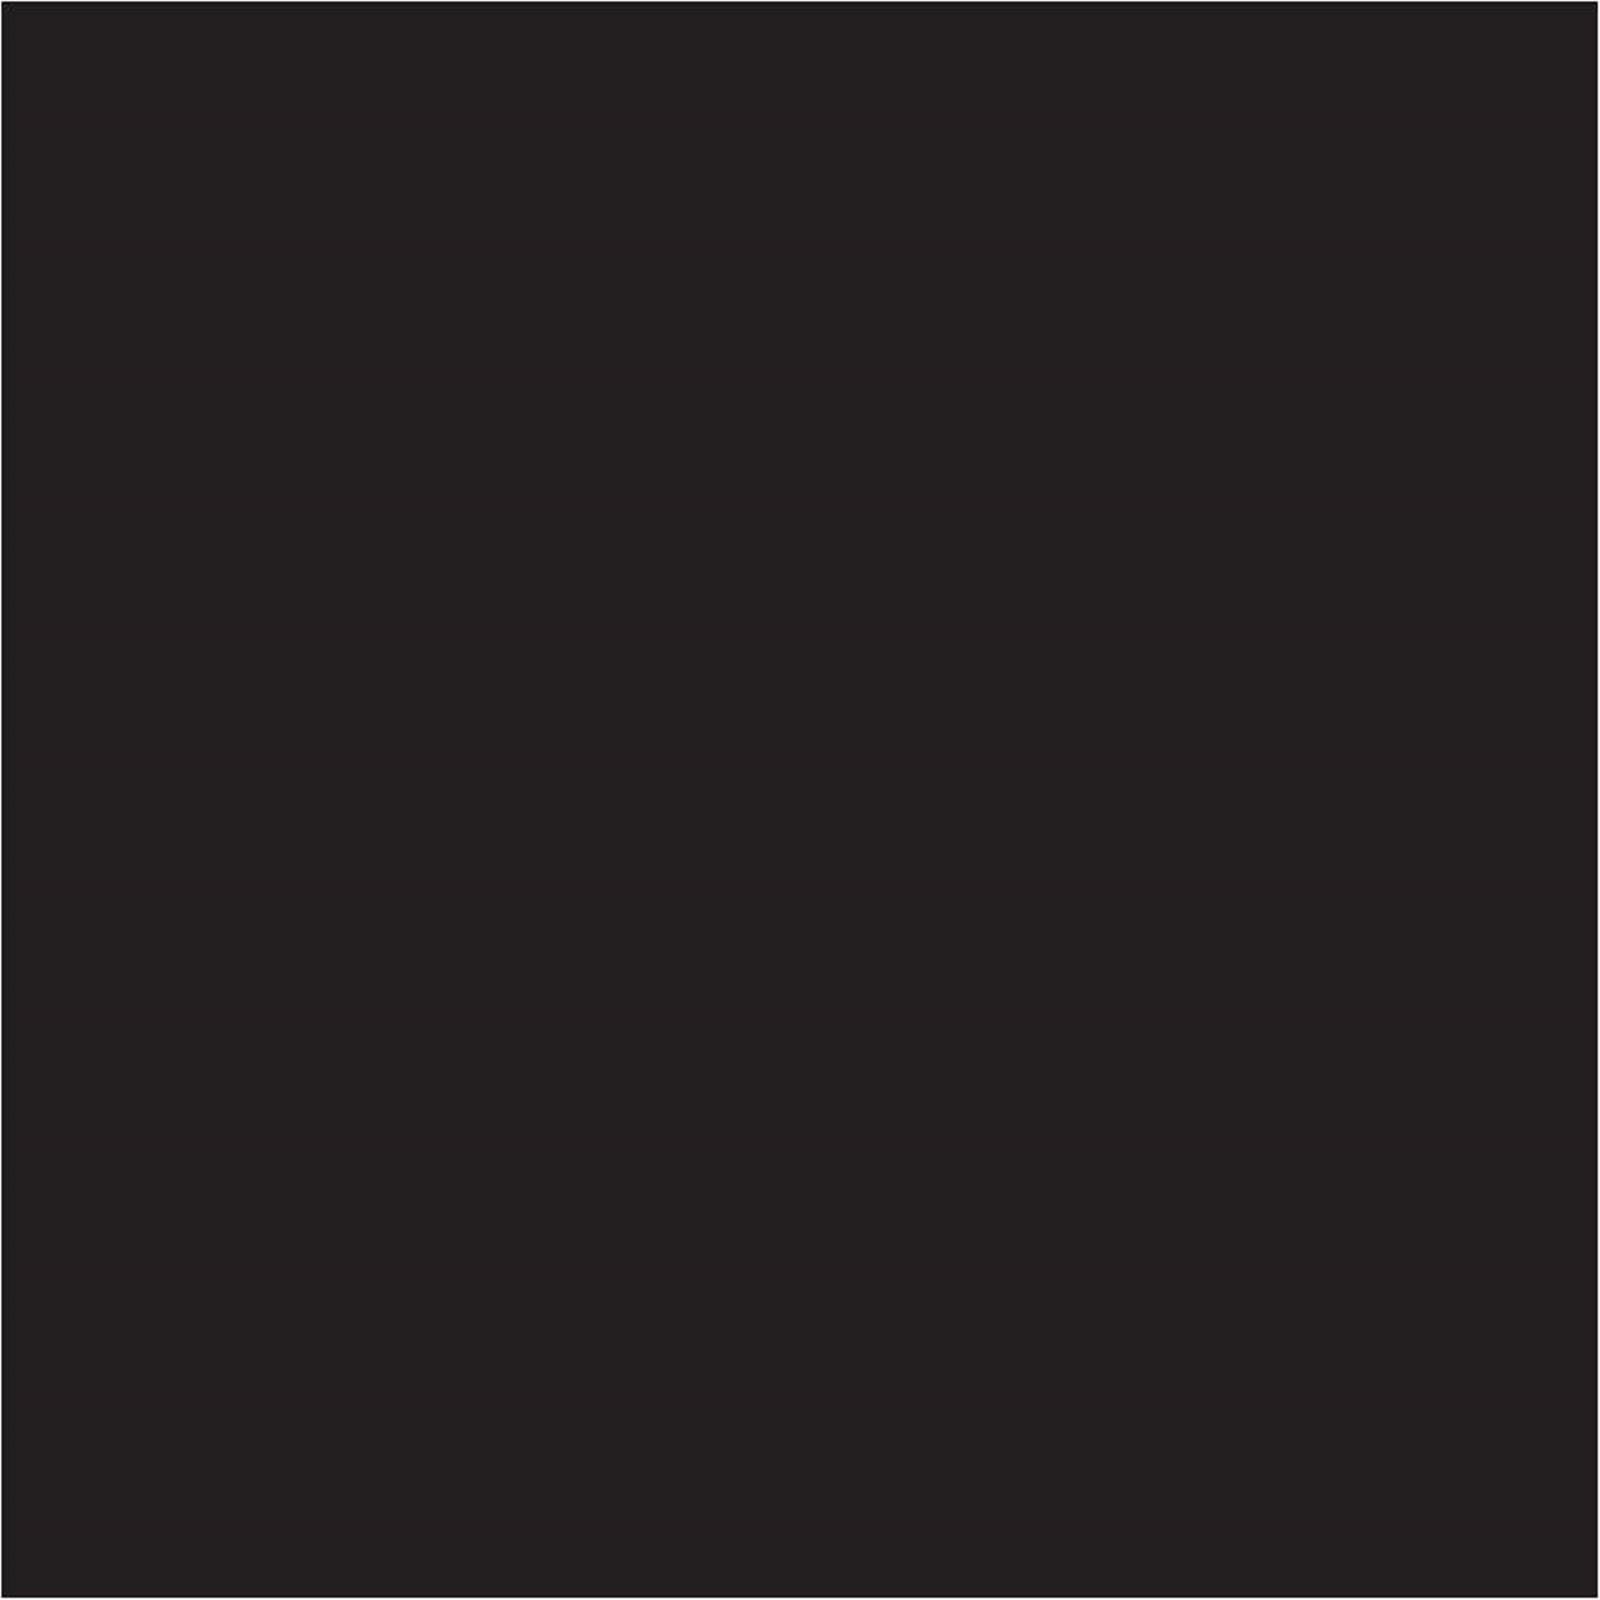 black - negru